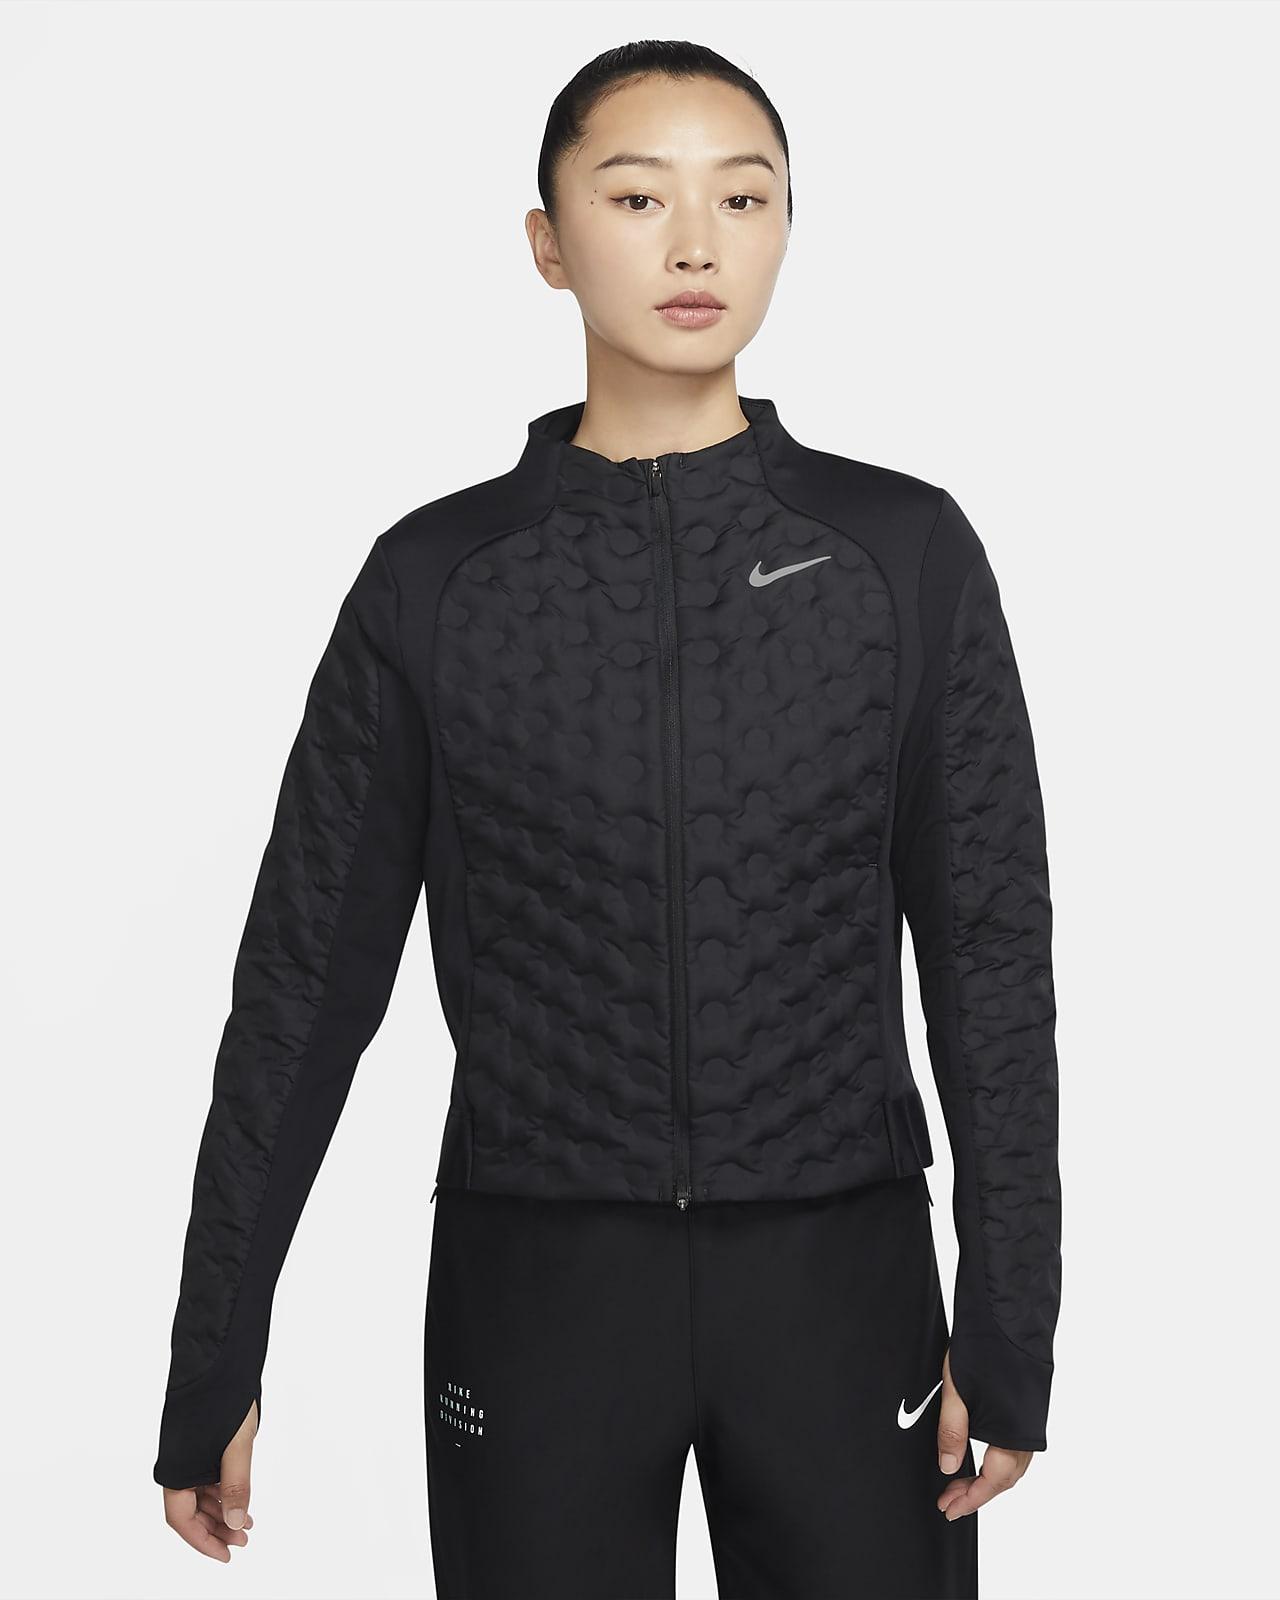 Nike Aeroloft 女子跑步夹克